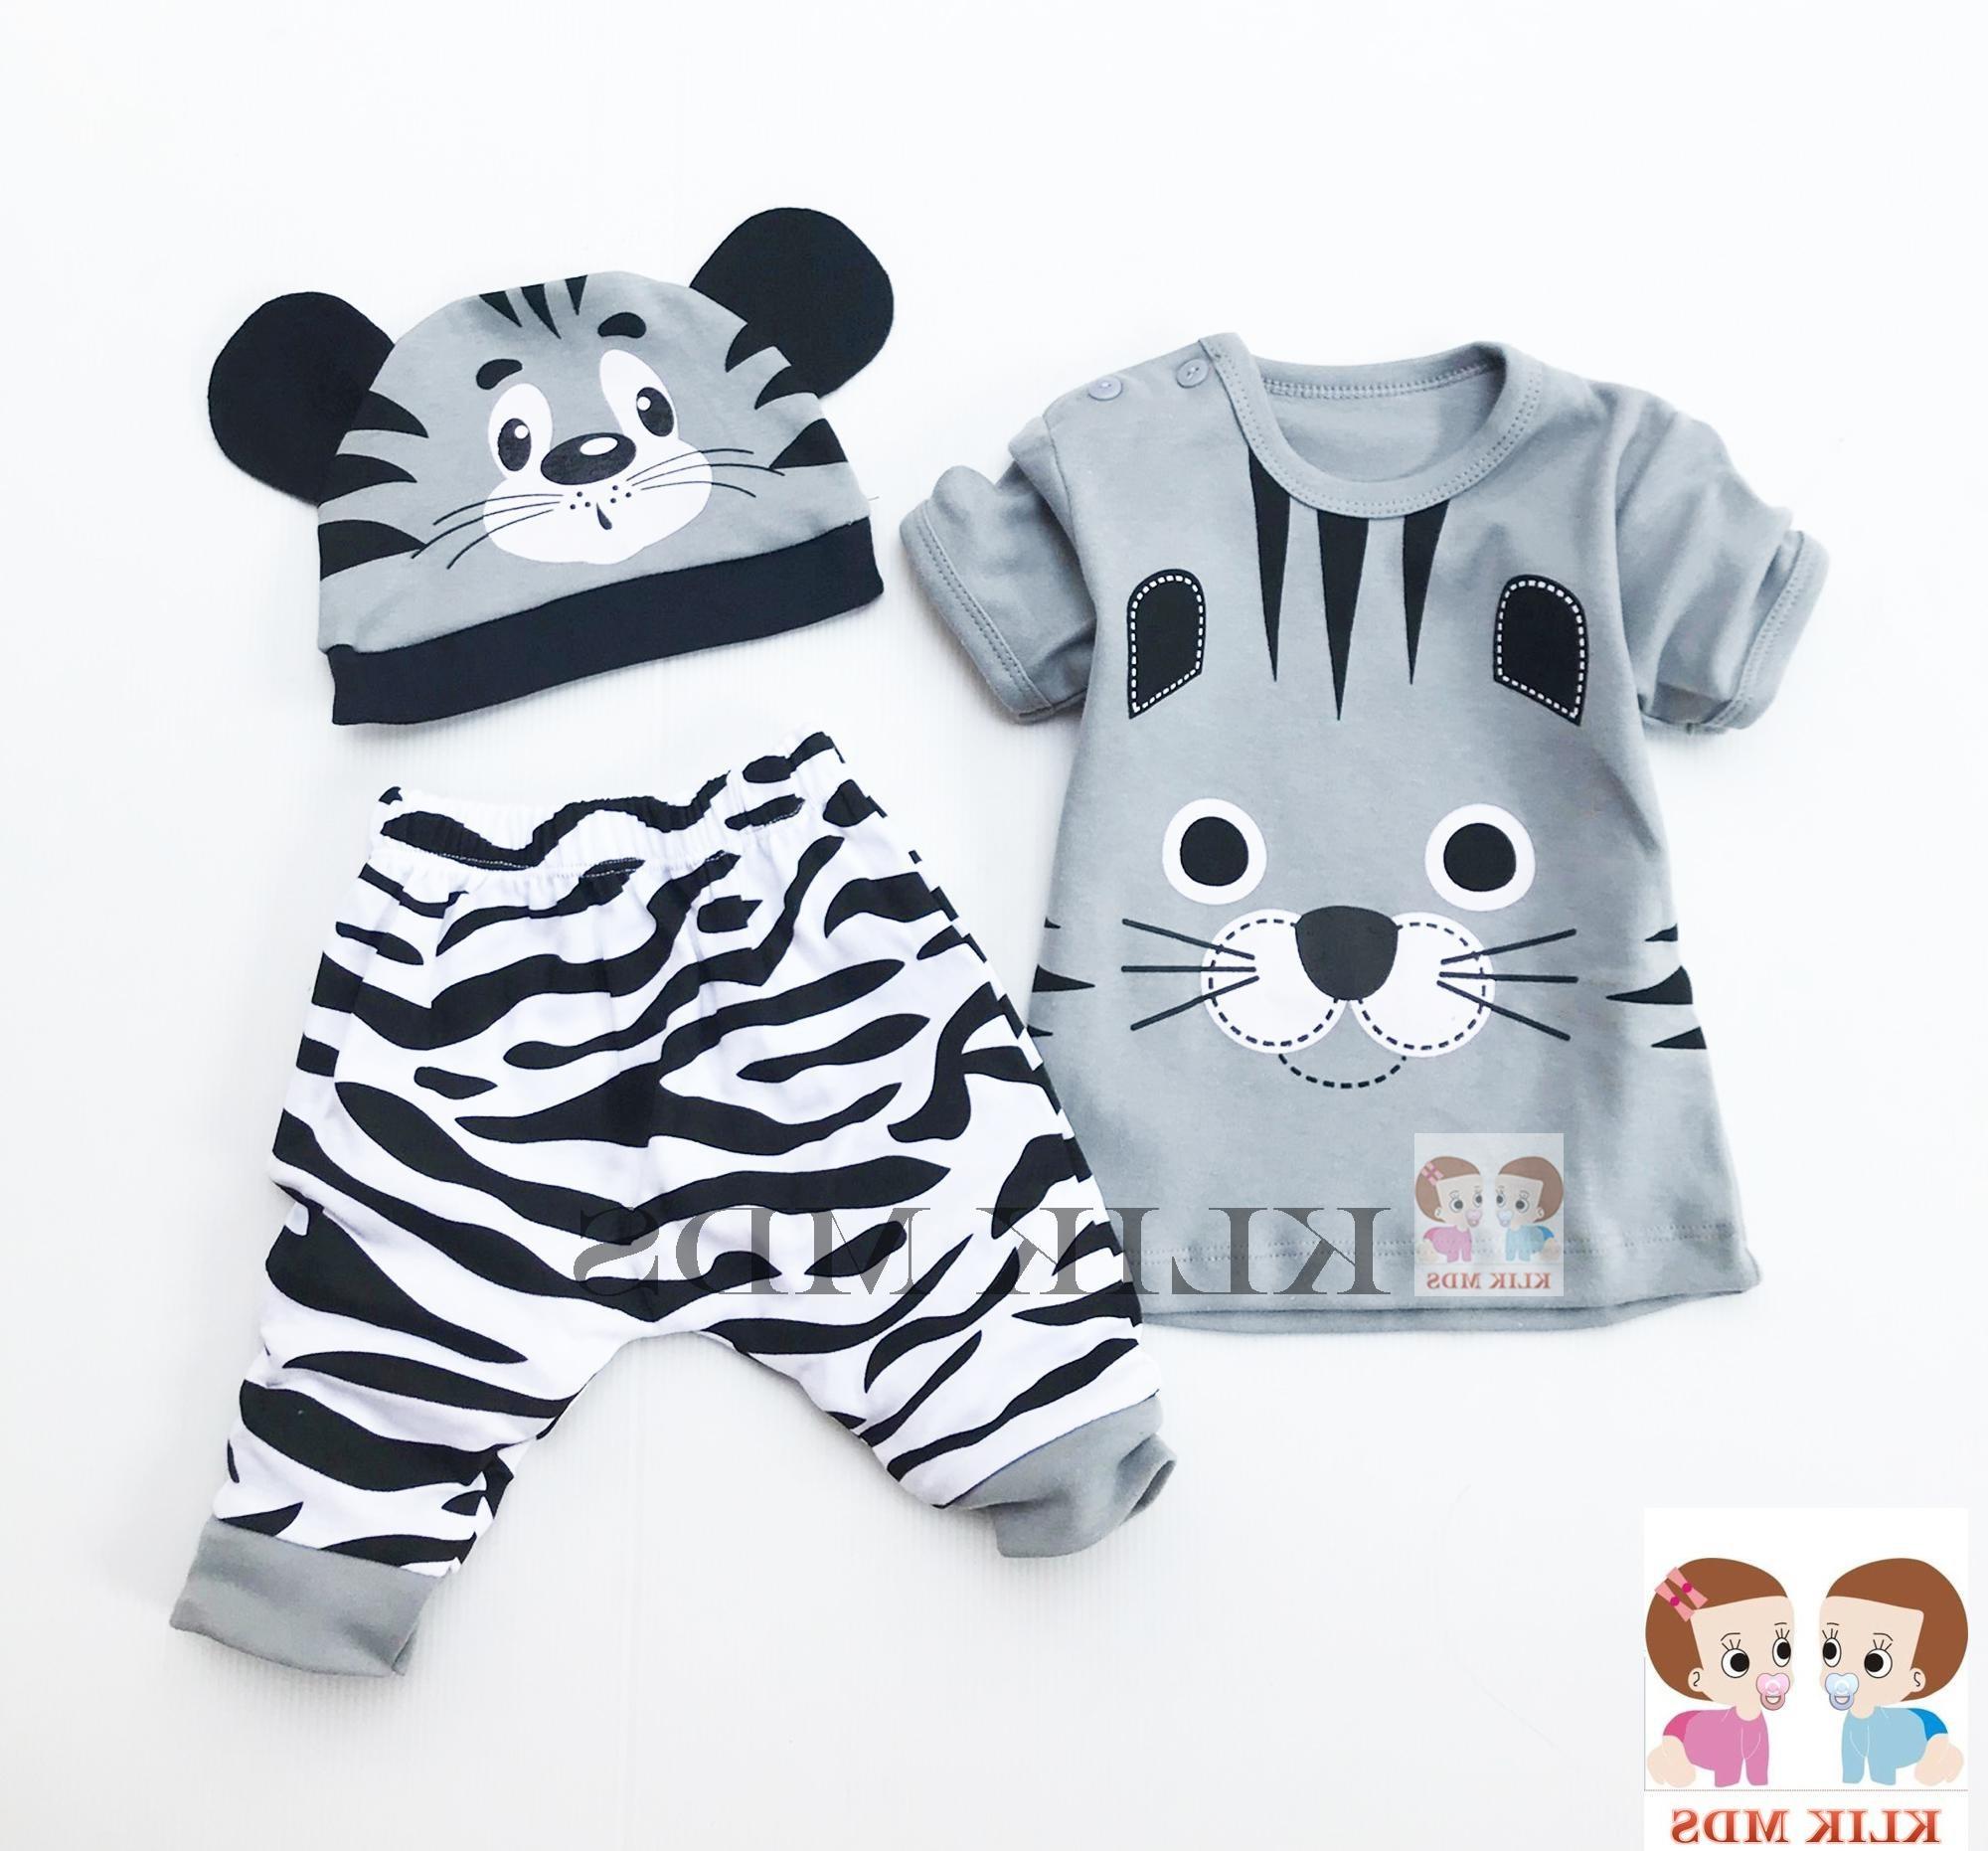 Bentuk Baju Lebaran Bayi Laki Laki X8d1 10 Set Pakaian Bayi Laki Laki Terbaik Di Tahun 2020